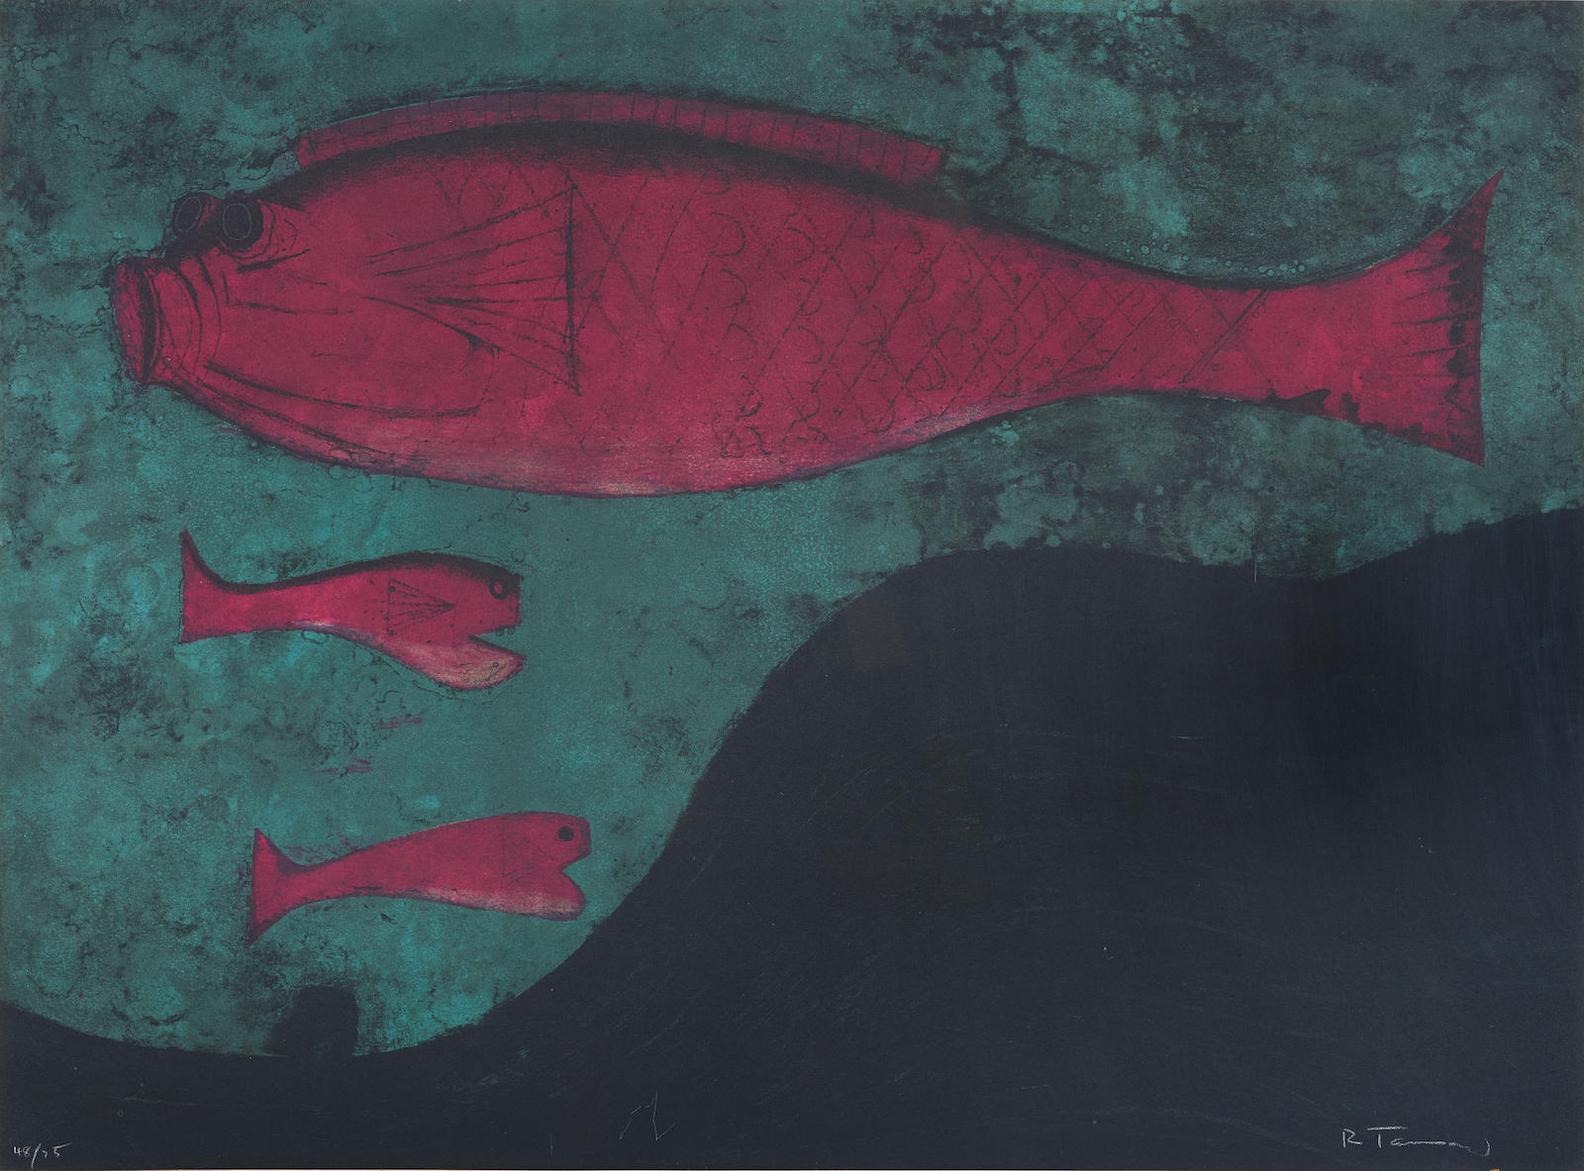 Rufino Tamayo-Peces, From Rufino Tamayo 15 Litografias-1973